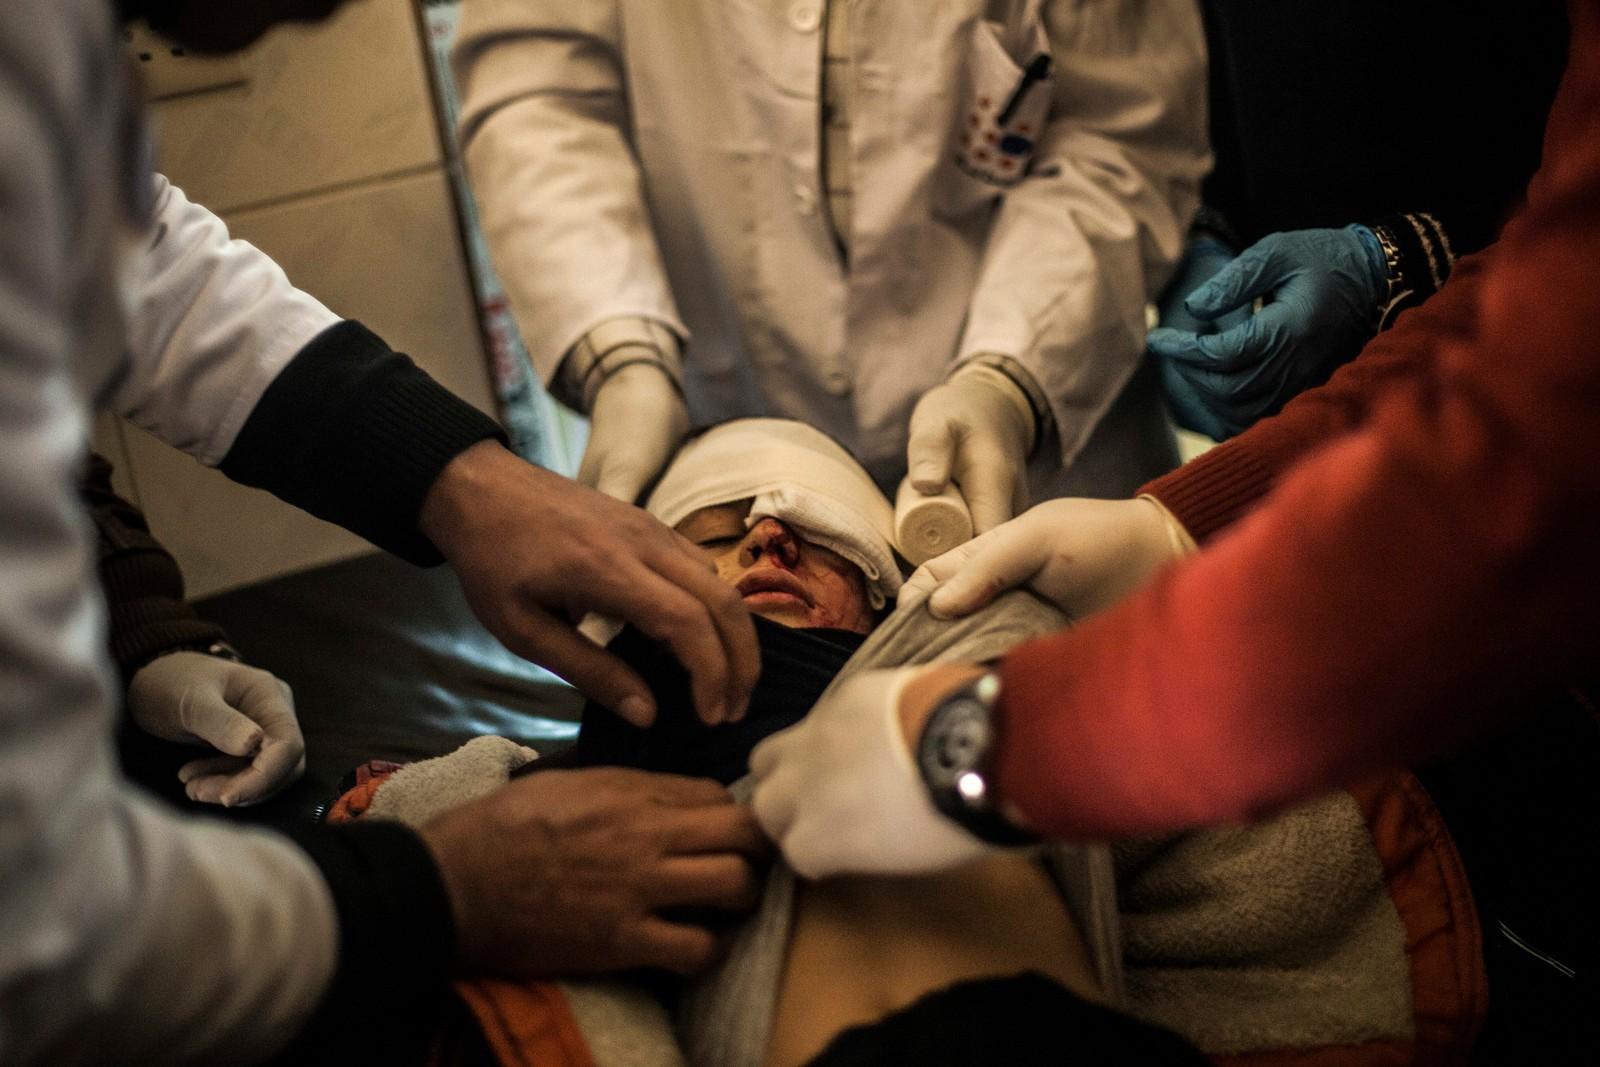 Kampene i Mosul er i sin syvende uke, og 10 år gamle Yousuf Odey er en av mange skadde.